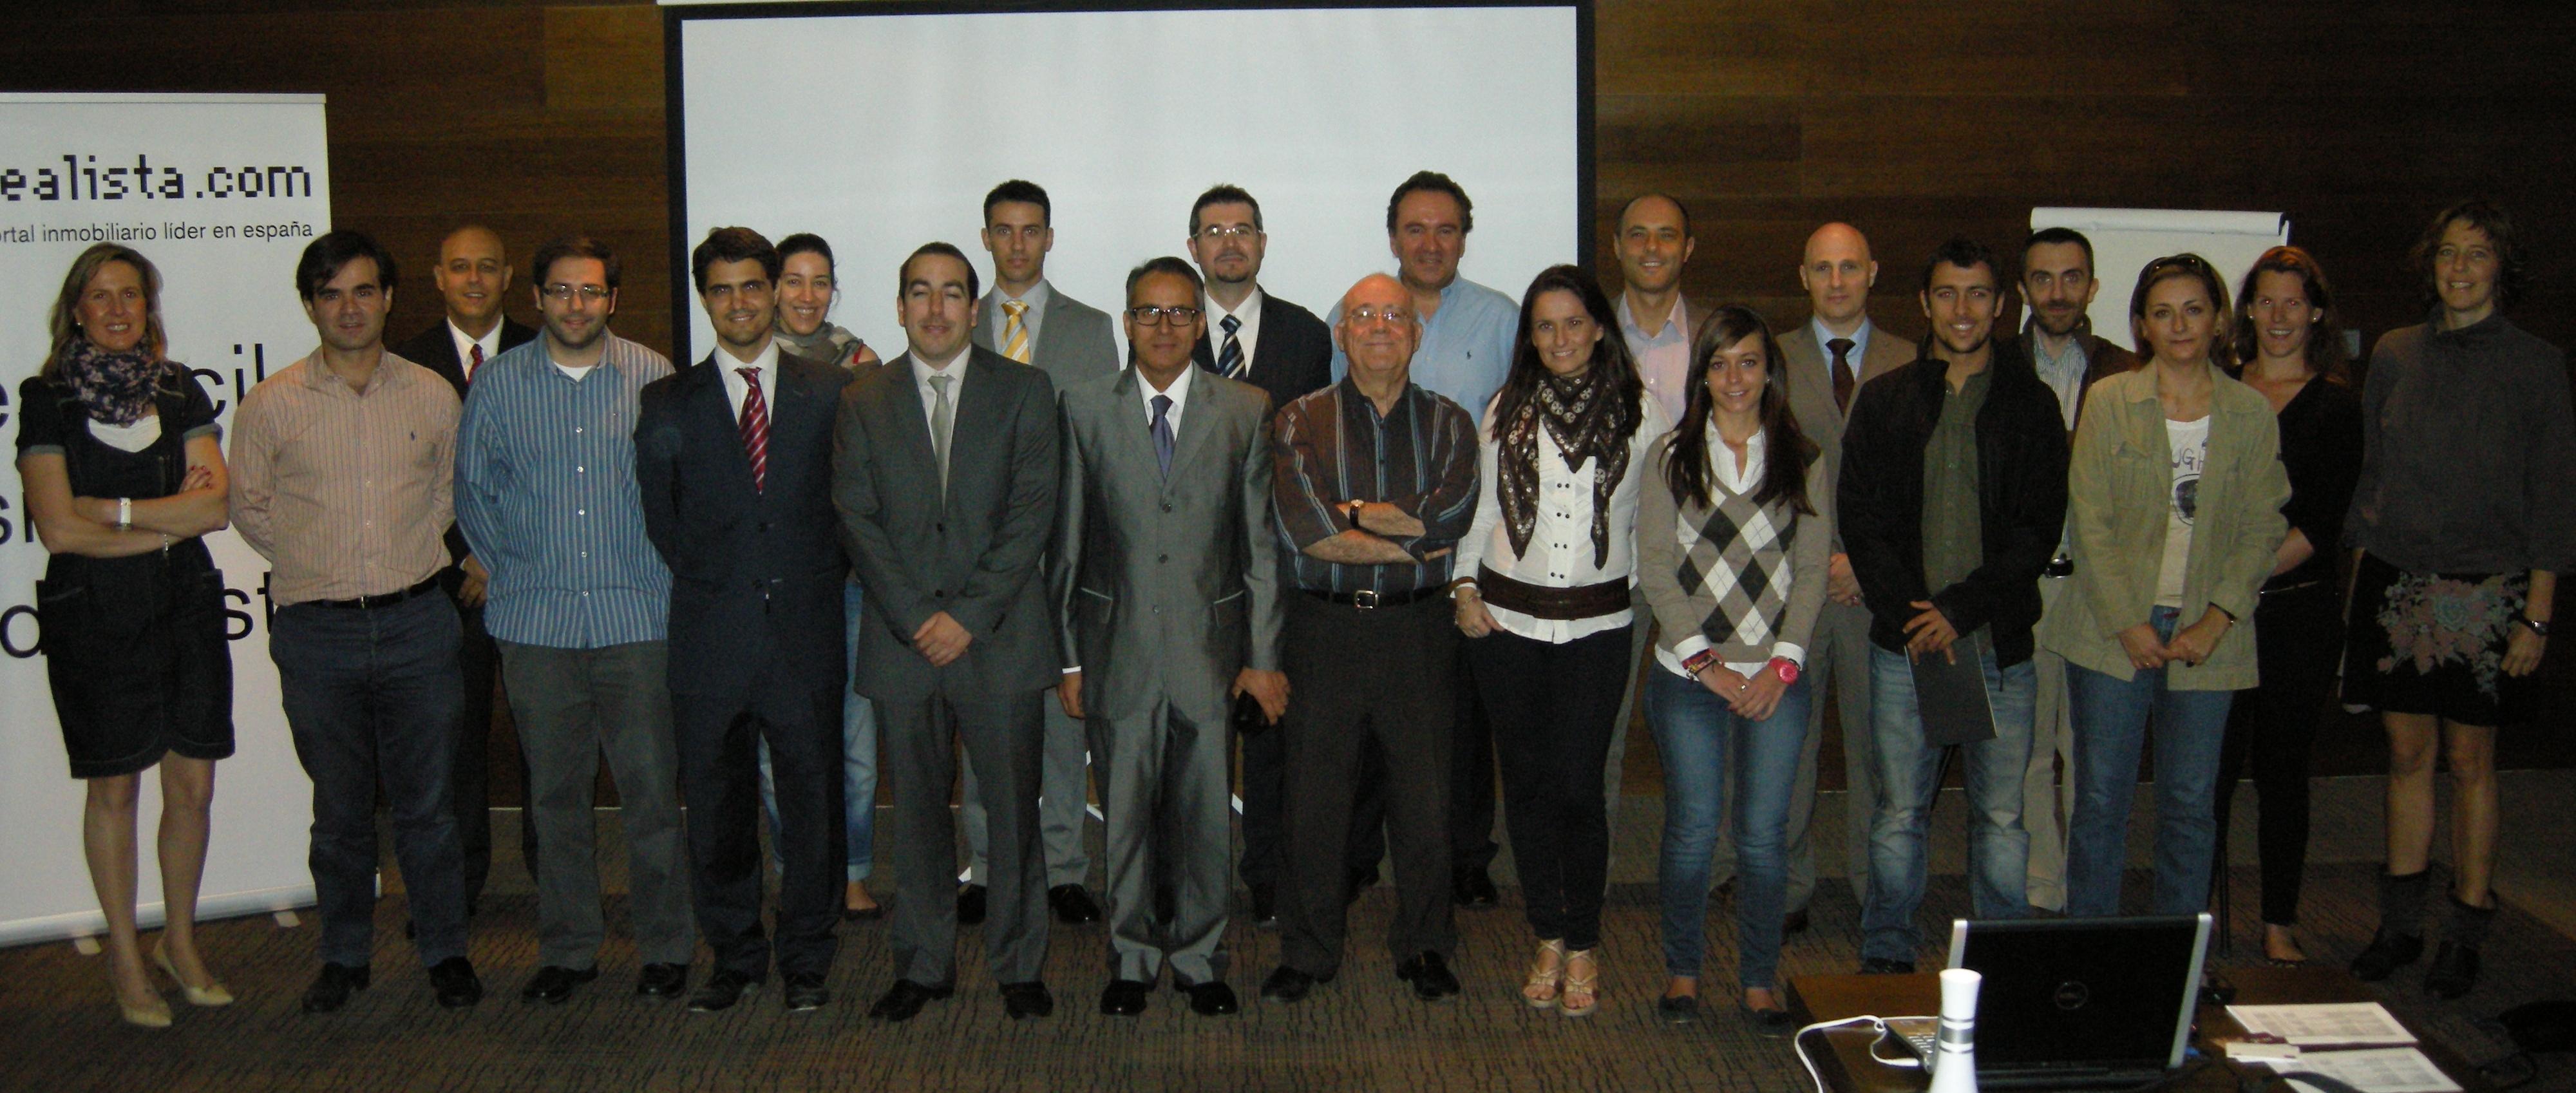 Fotos de familia de los cursos de idealista en 2012 coordinados por la oficina de Madrid